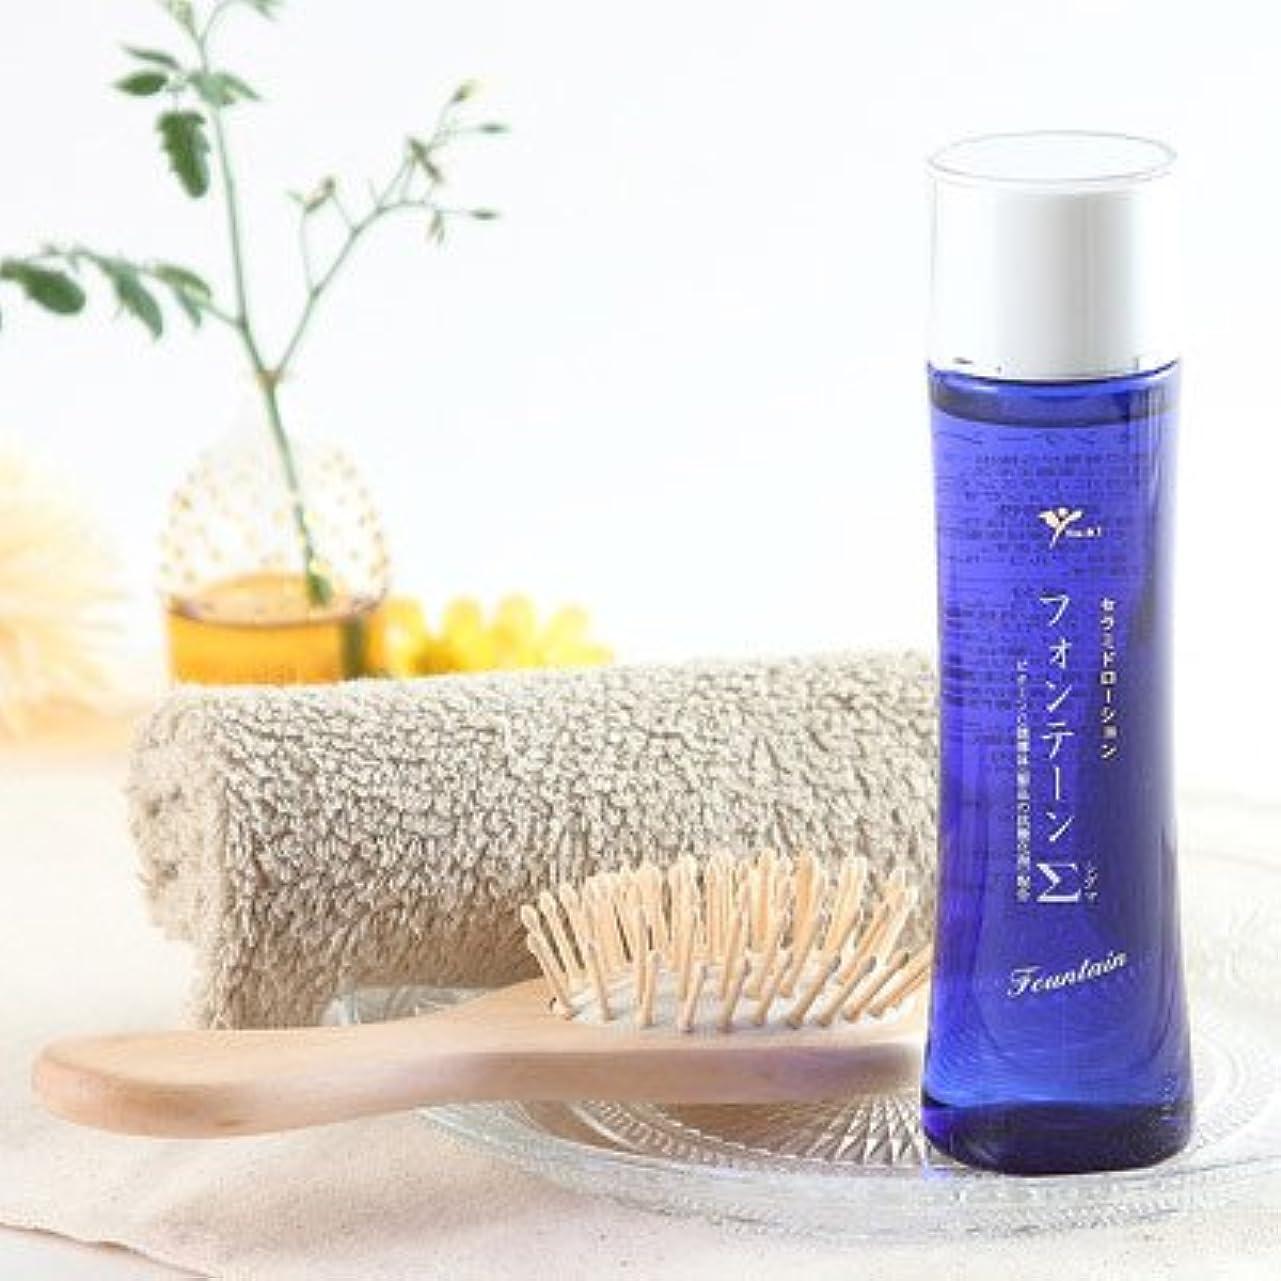 説明的不和援助超低刺激の肌に優しい化粧水 セラミドローション フォンテーンシグマ